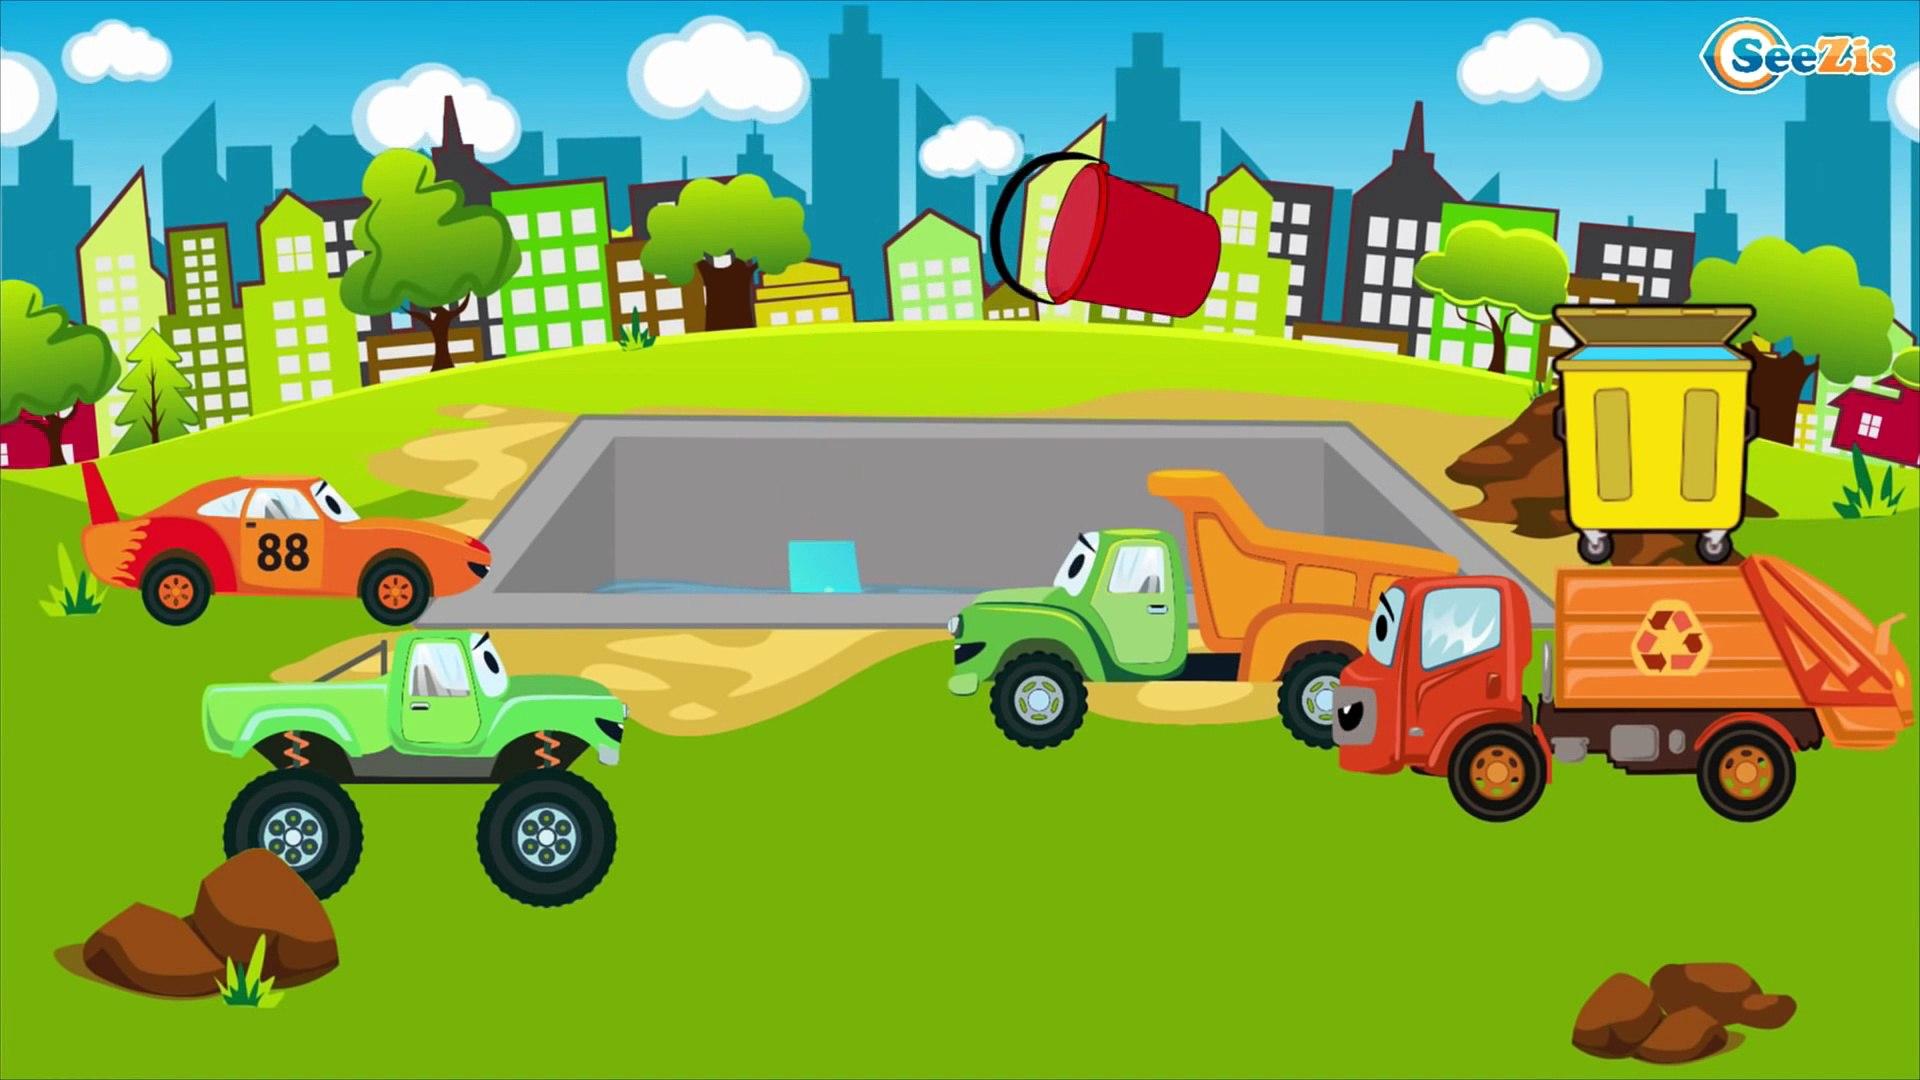 El Tractor Con El Camión Y Muchos Más Dibujo Animado De Coches La Zona De Construcción видео Dailymotion